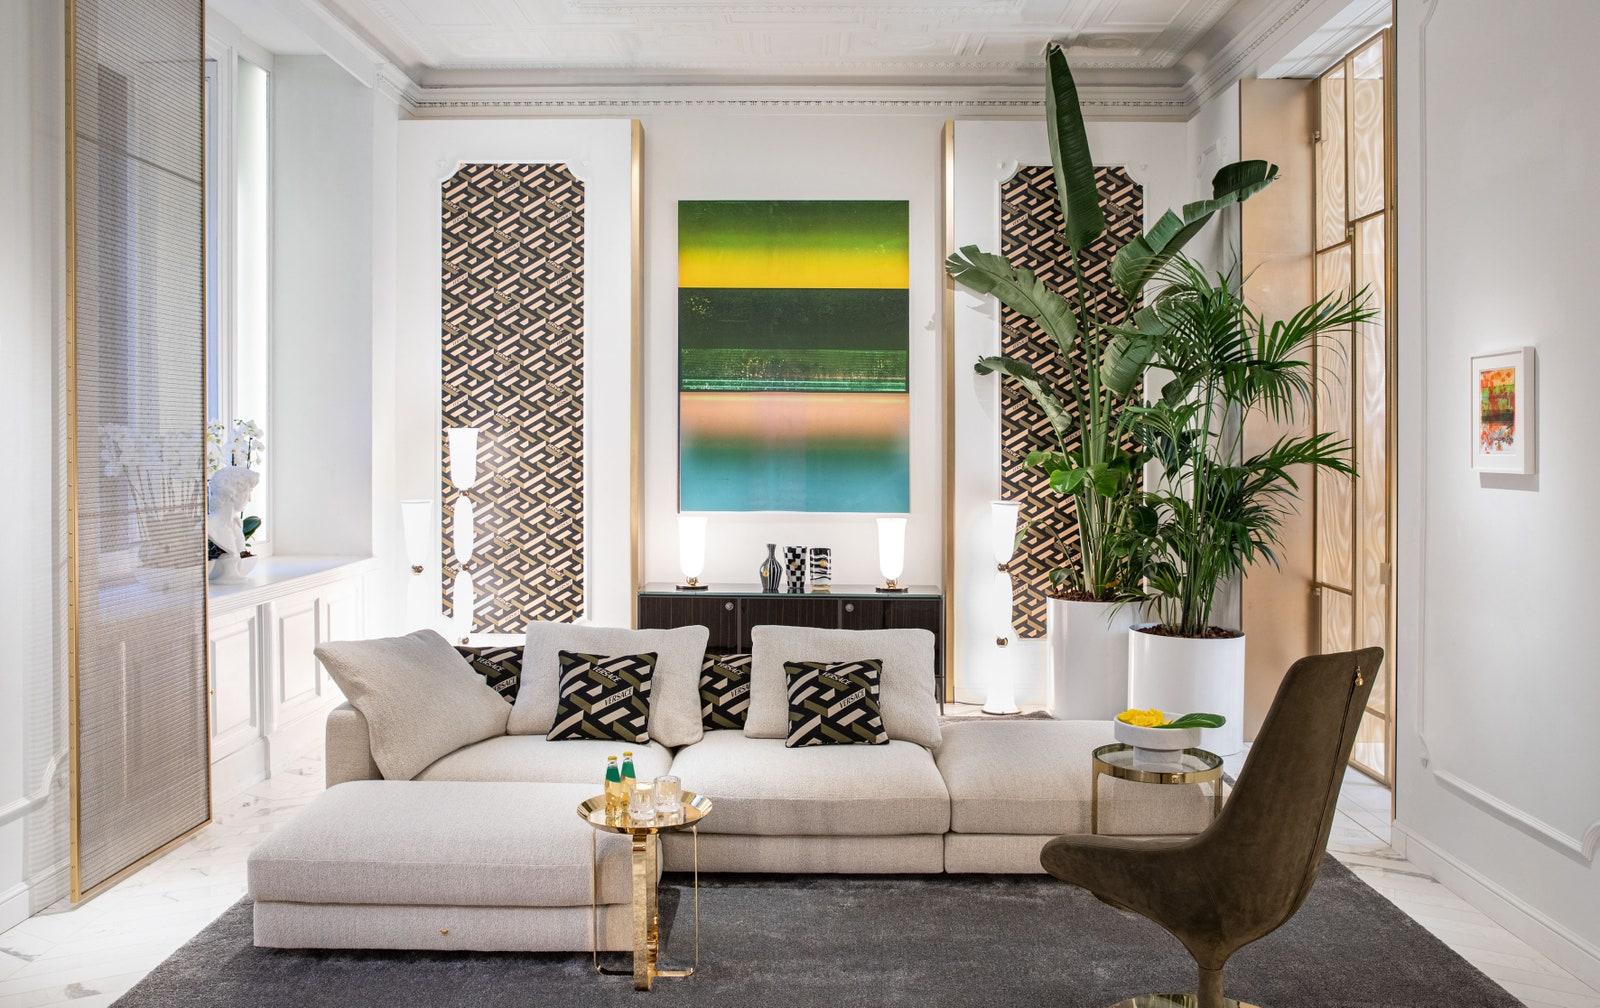 Миланы дизайны долоо хоног 2021: Хамгийн өвөрмөц тавилга болон гэрийн чимэглэлүүд (фото 4)